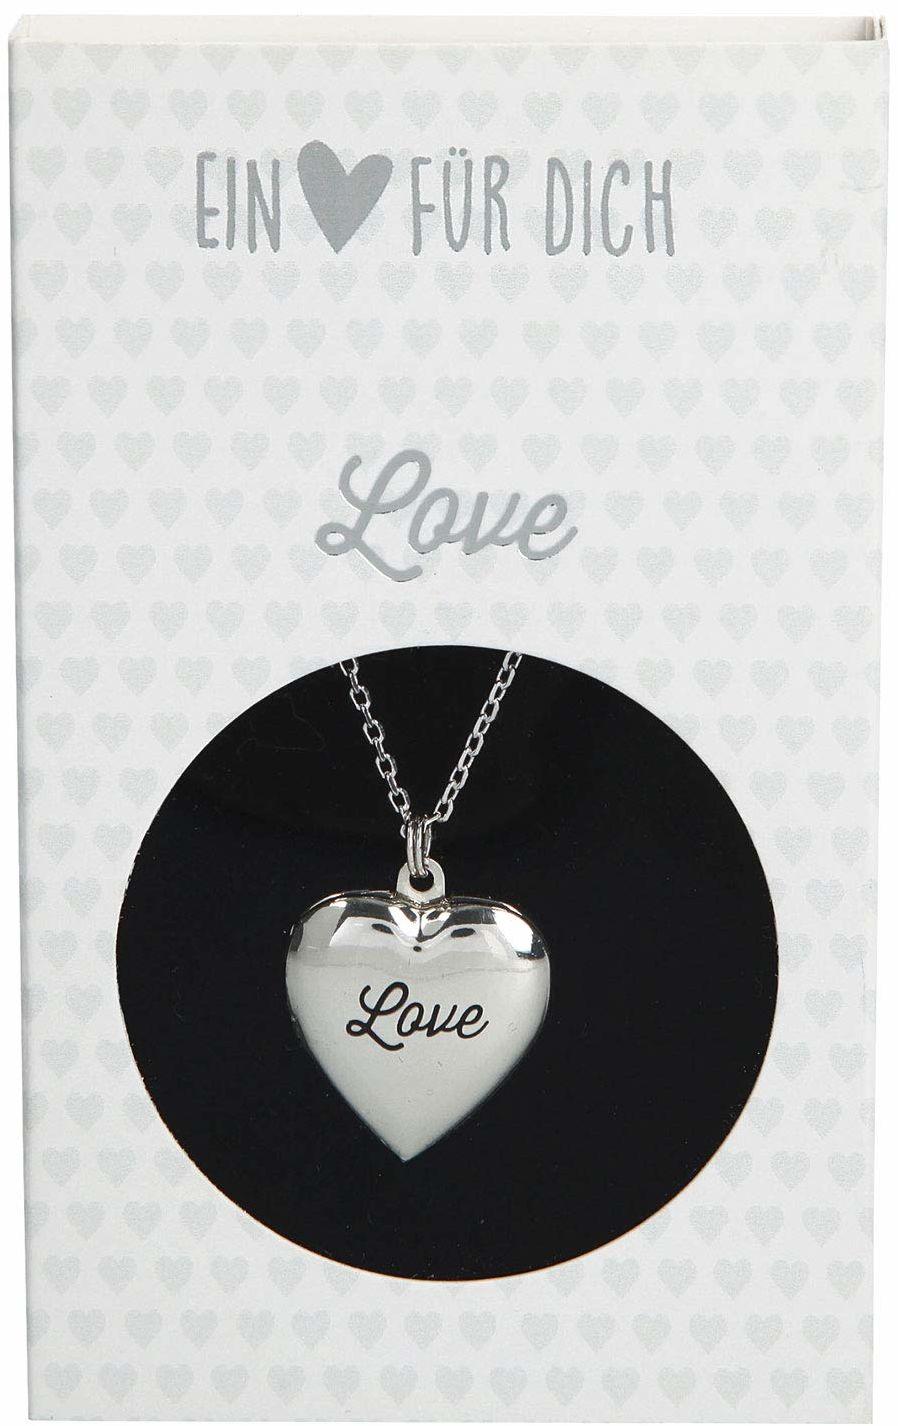 Depesche 10801.002 naszyjnik z zawieszką w kształcie serca, medalion, posrebrzany i nie zawiera niklu, z napisem Love, długość 40-46 cm, srebrny